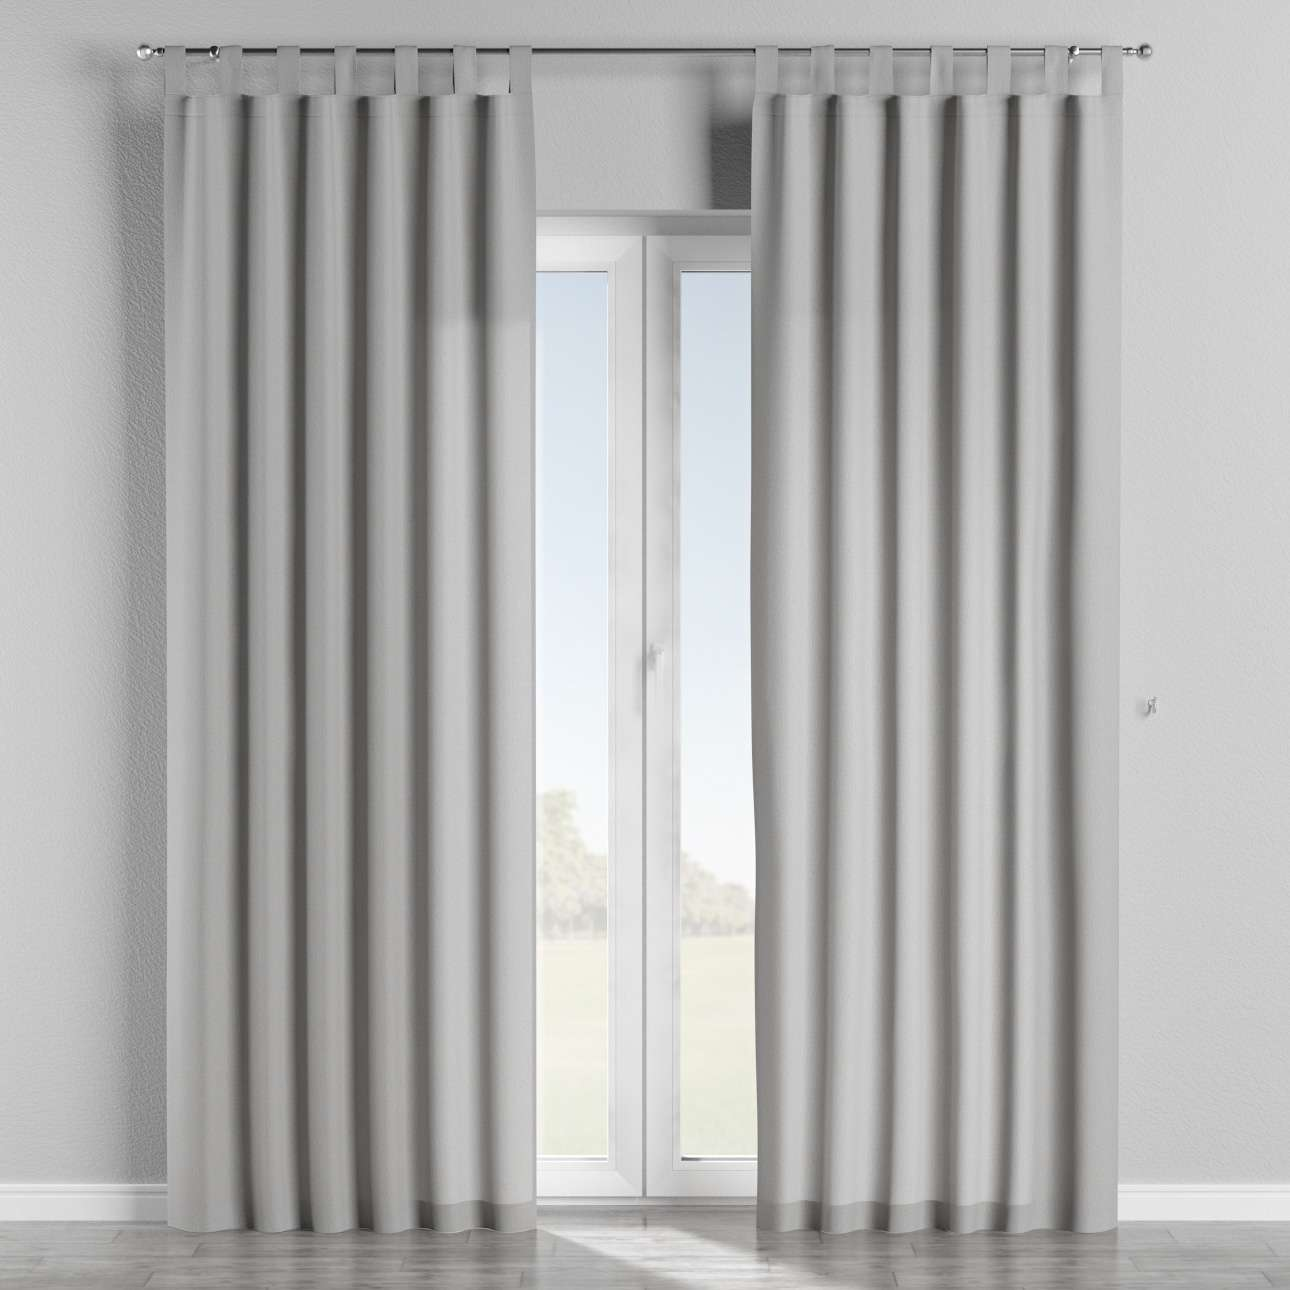 Gardin med stropper 130 x 260 cm fra kollektionen Chenille, Stof: 702-23